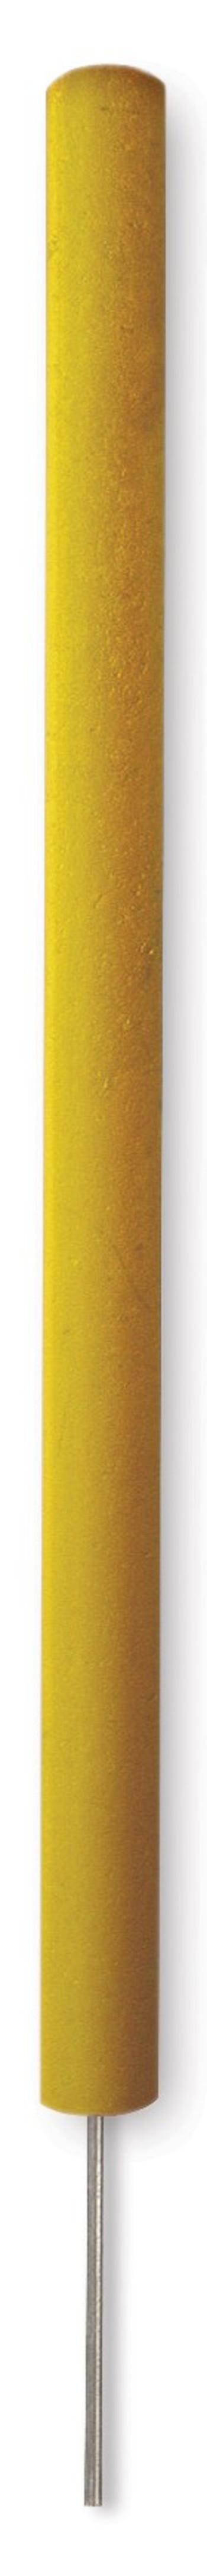 Runde Gefahrenmarker aus Recyclingkunststoff mit Spike, gelb